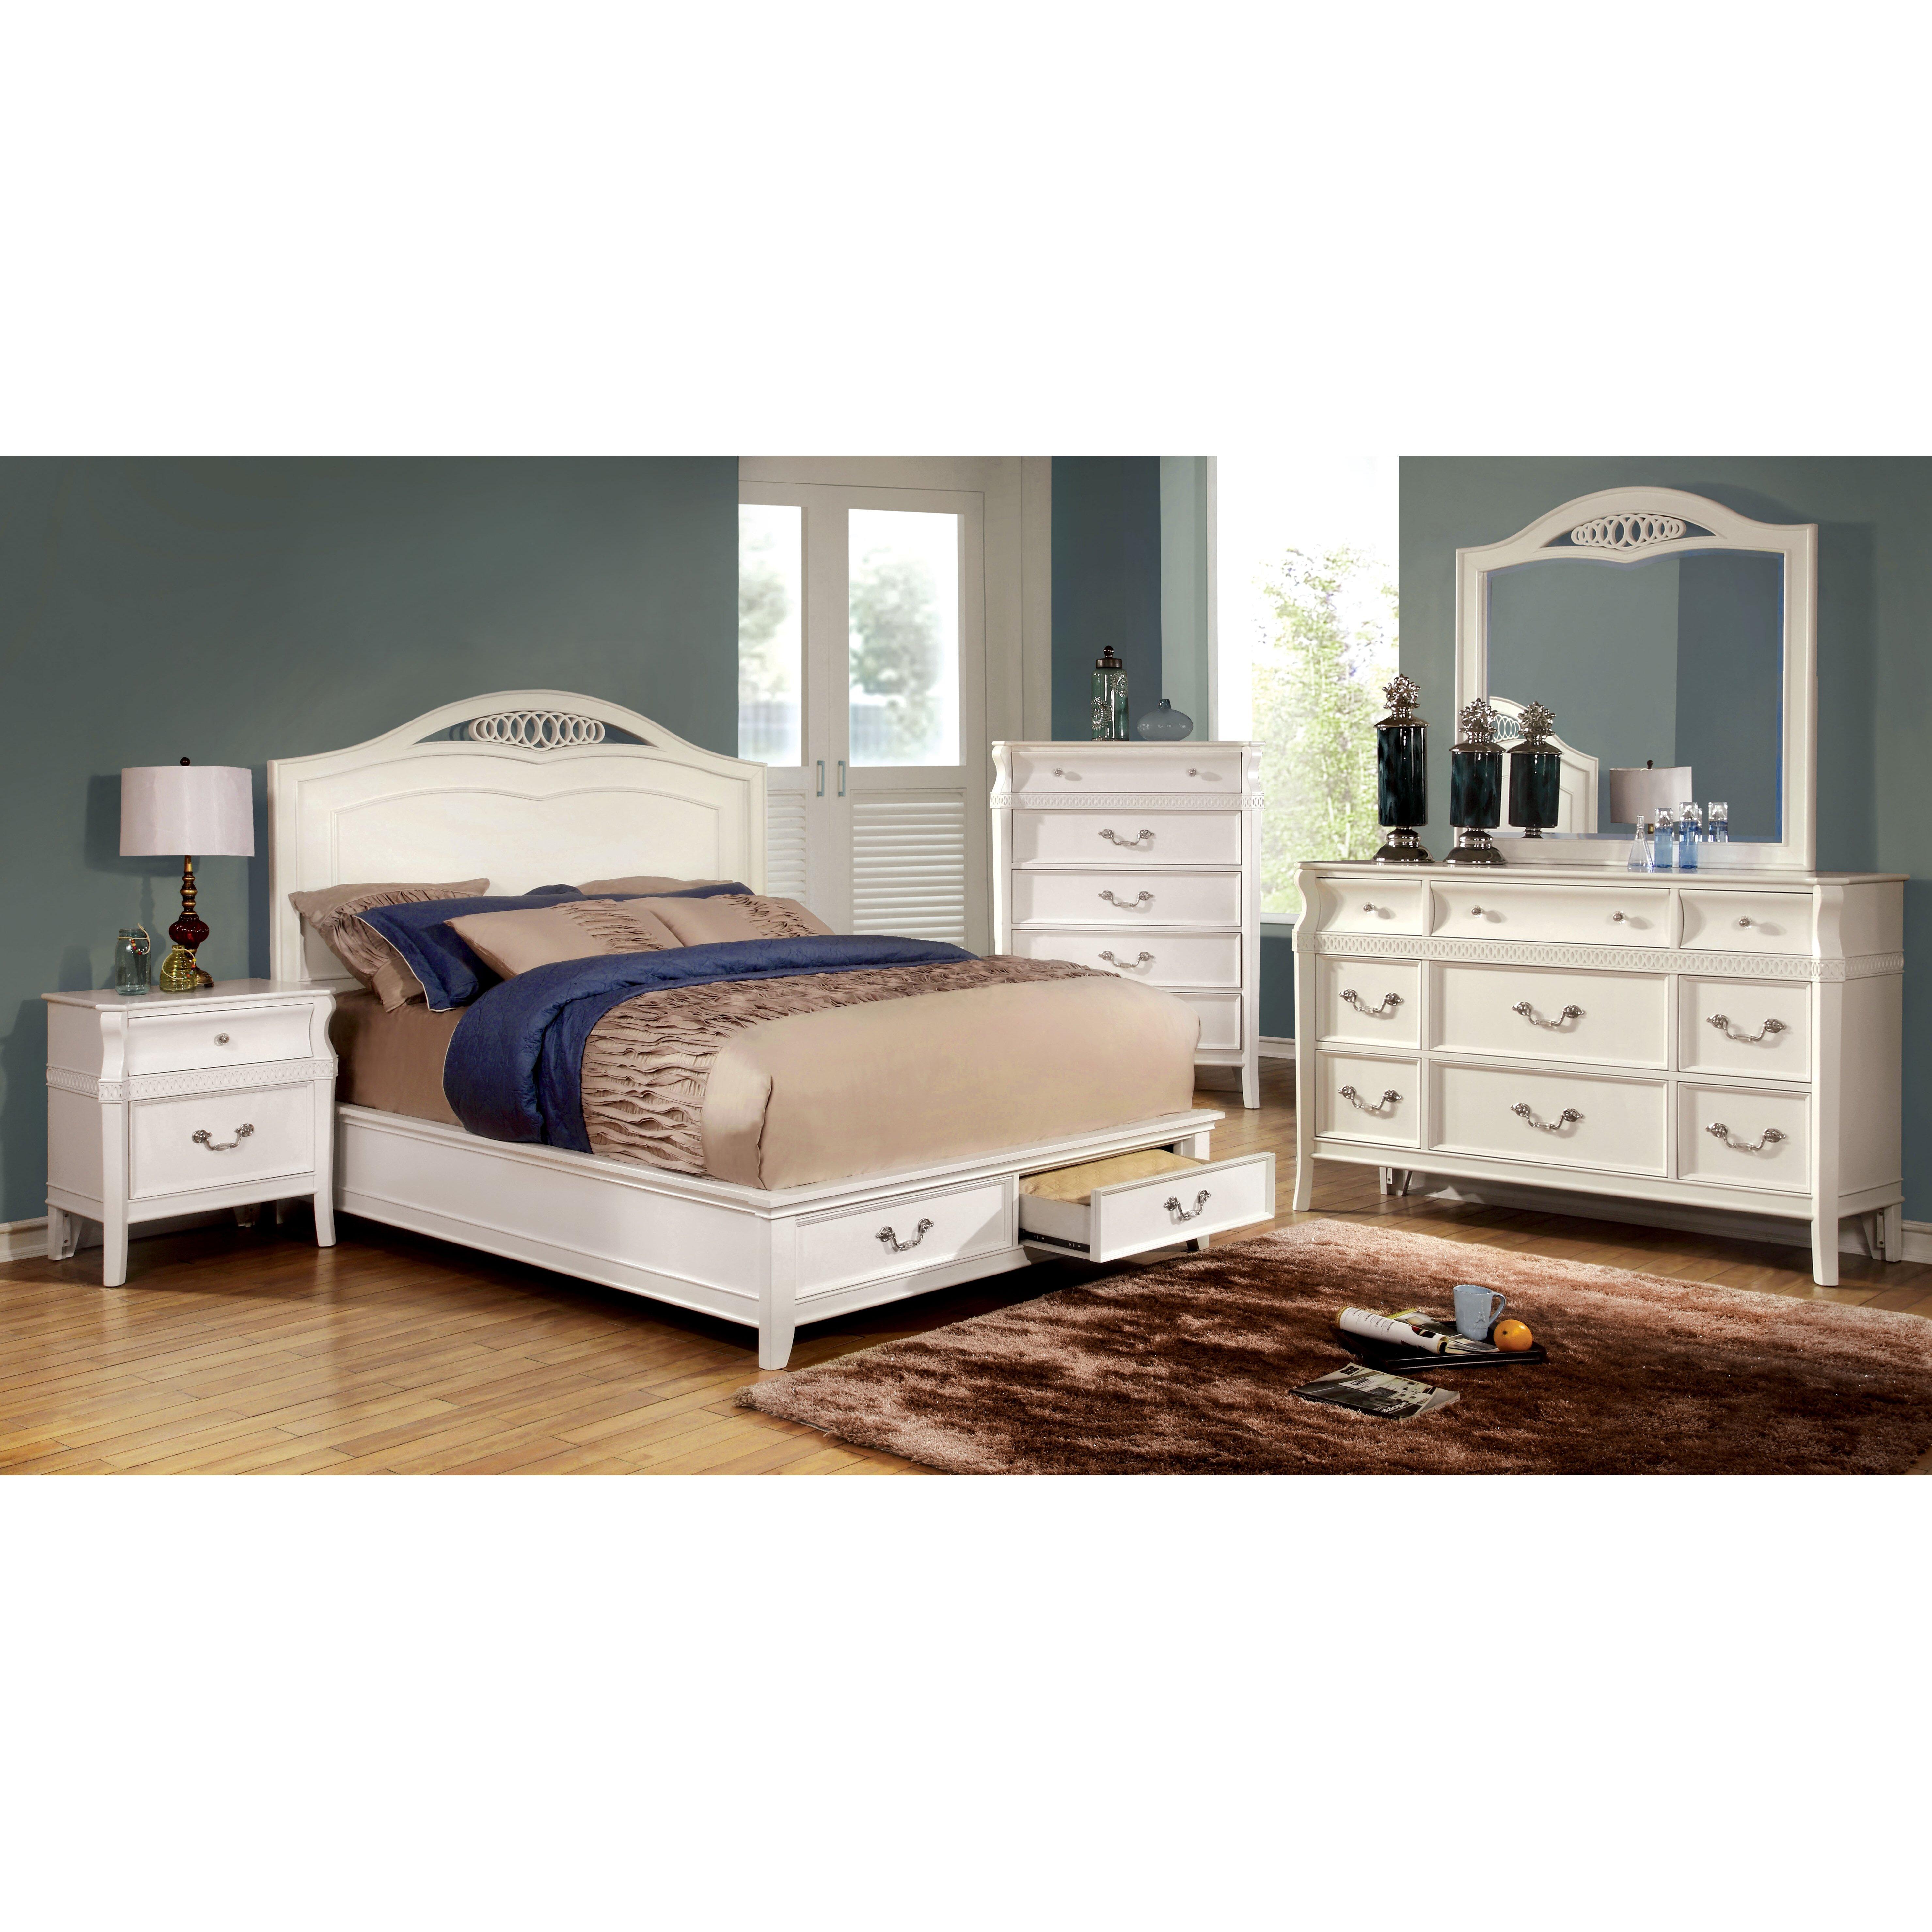 Harlow storage platform bed wayfair for Harlowe bed